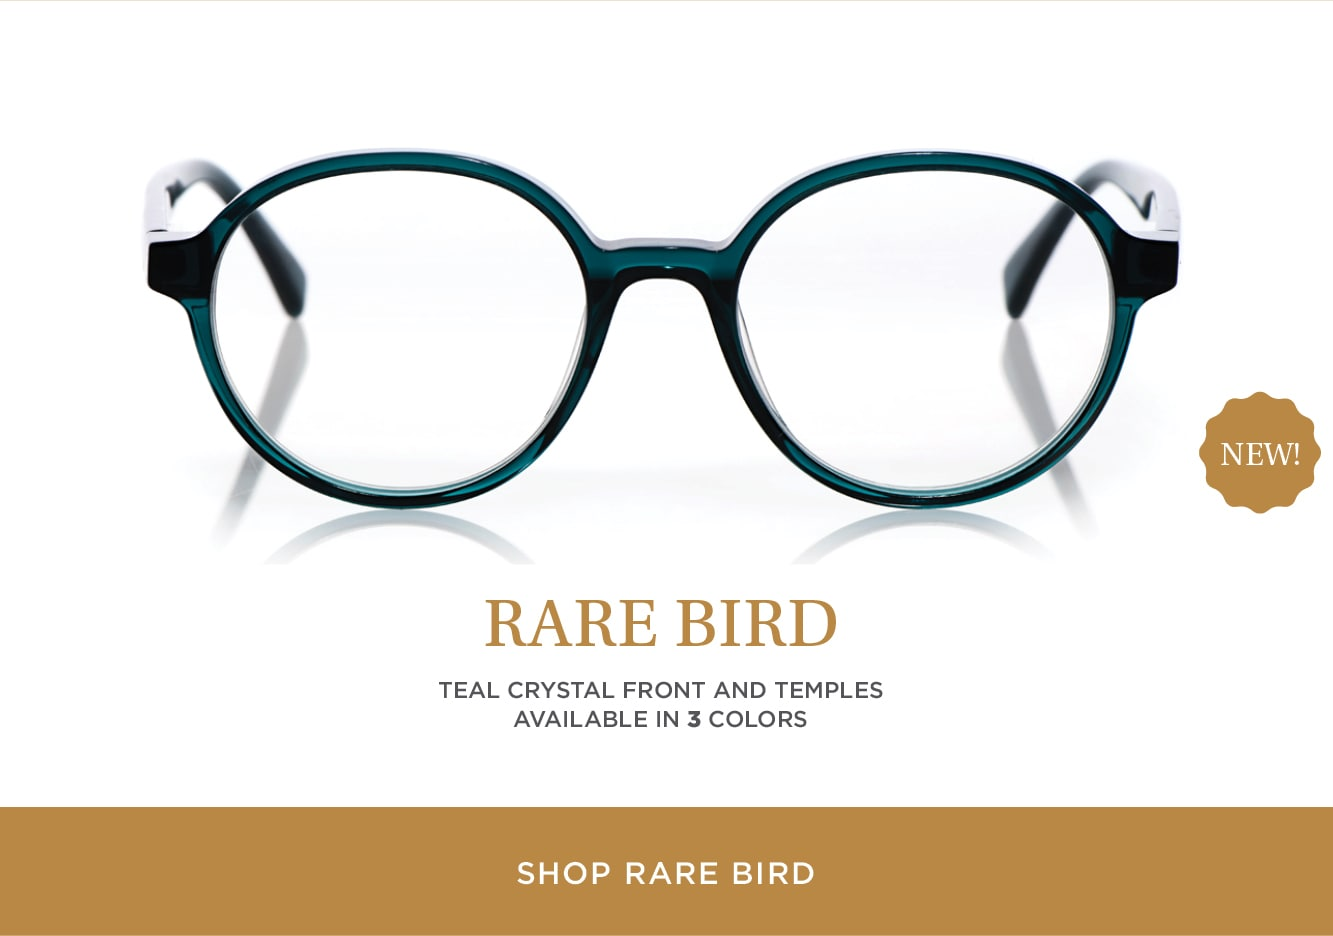 Shop Rare Bird